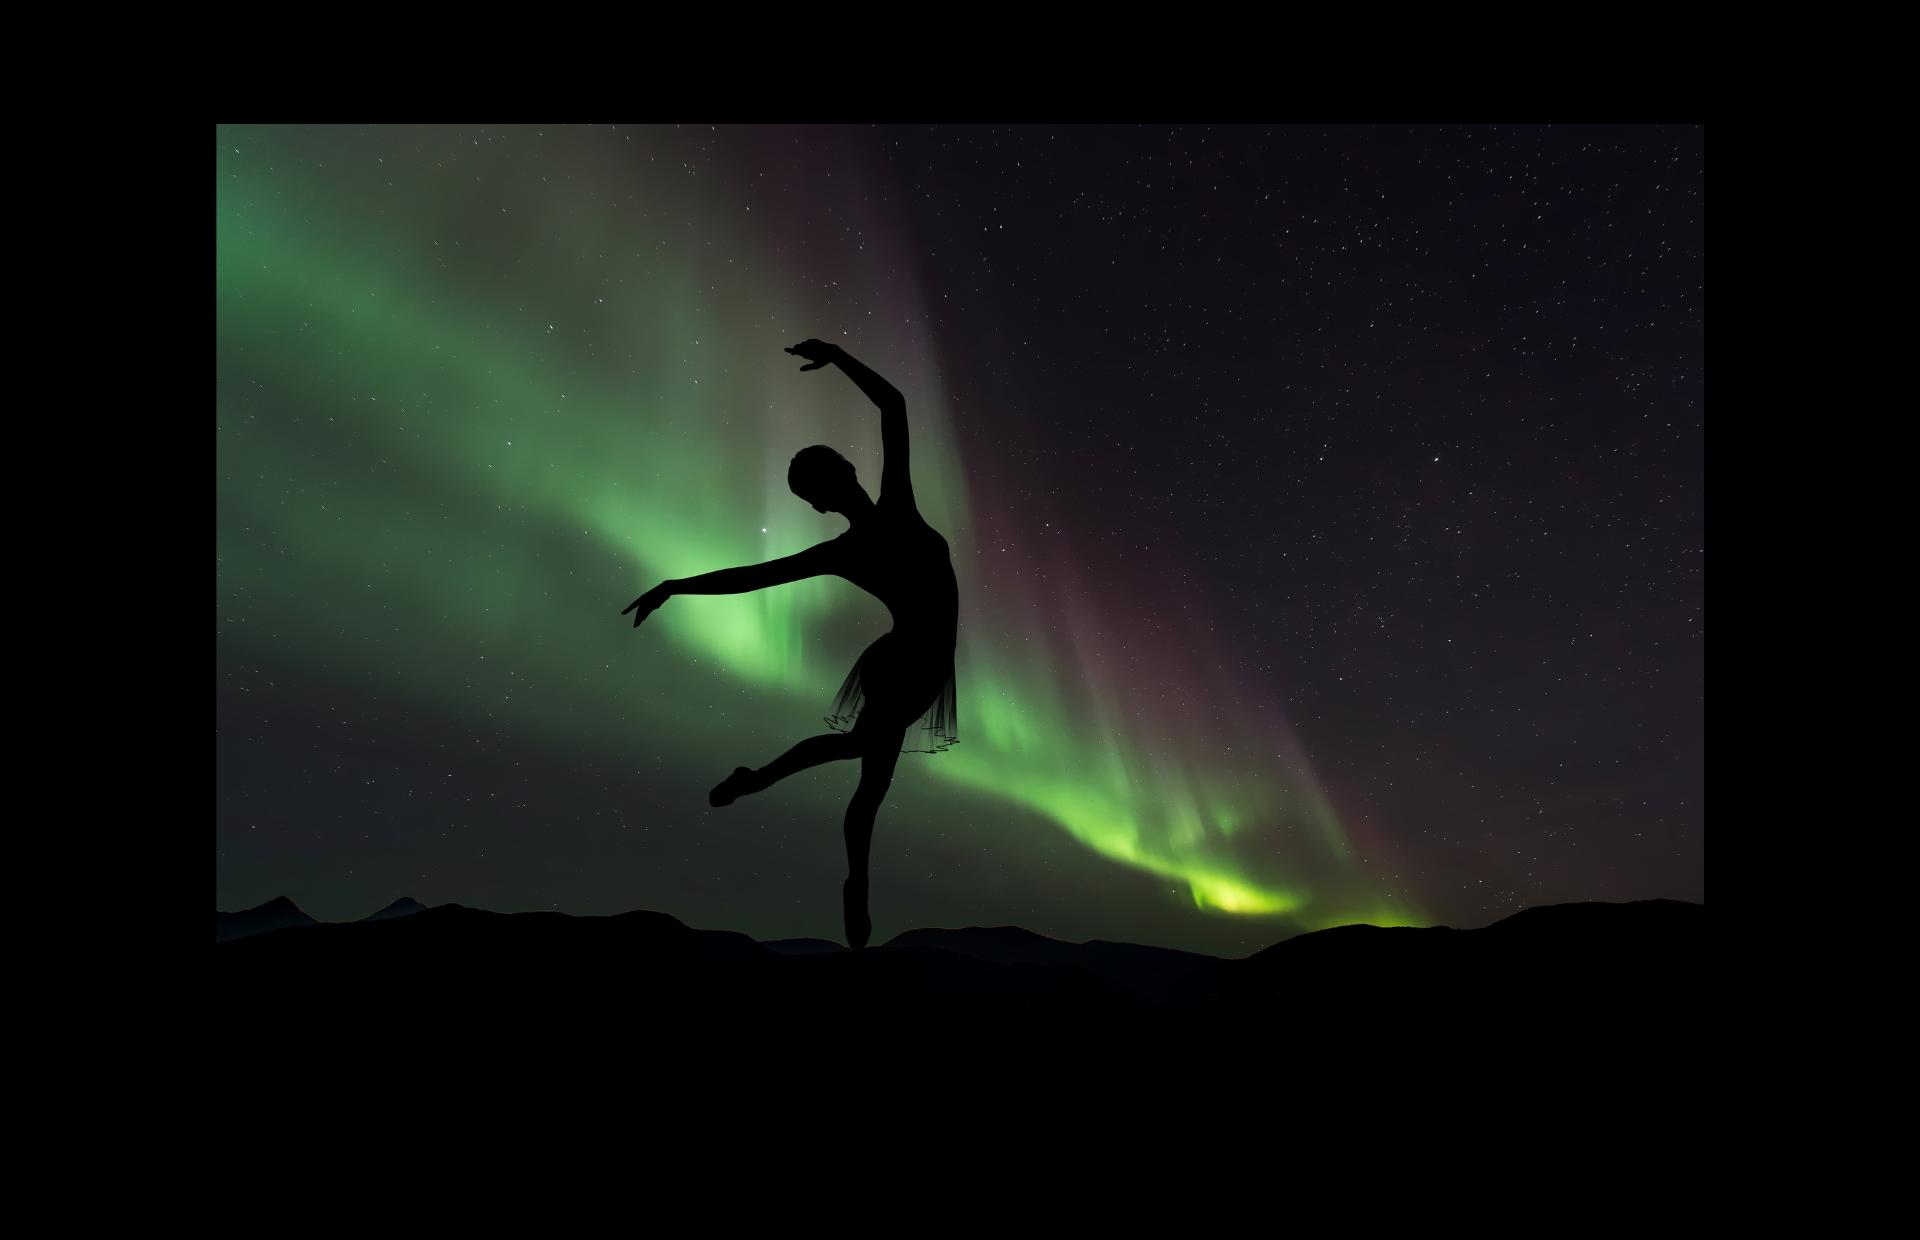 29 Απριλίου, Παγκόσμια Ημέρα Χορού